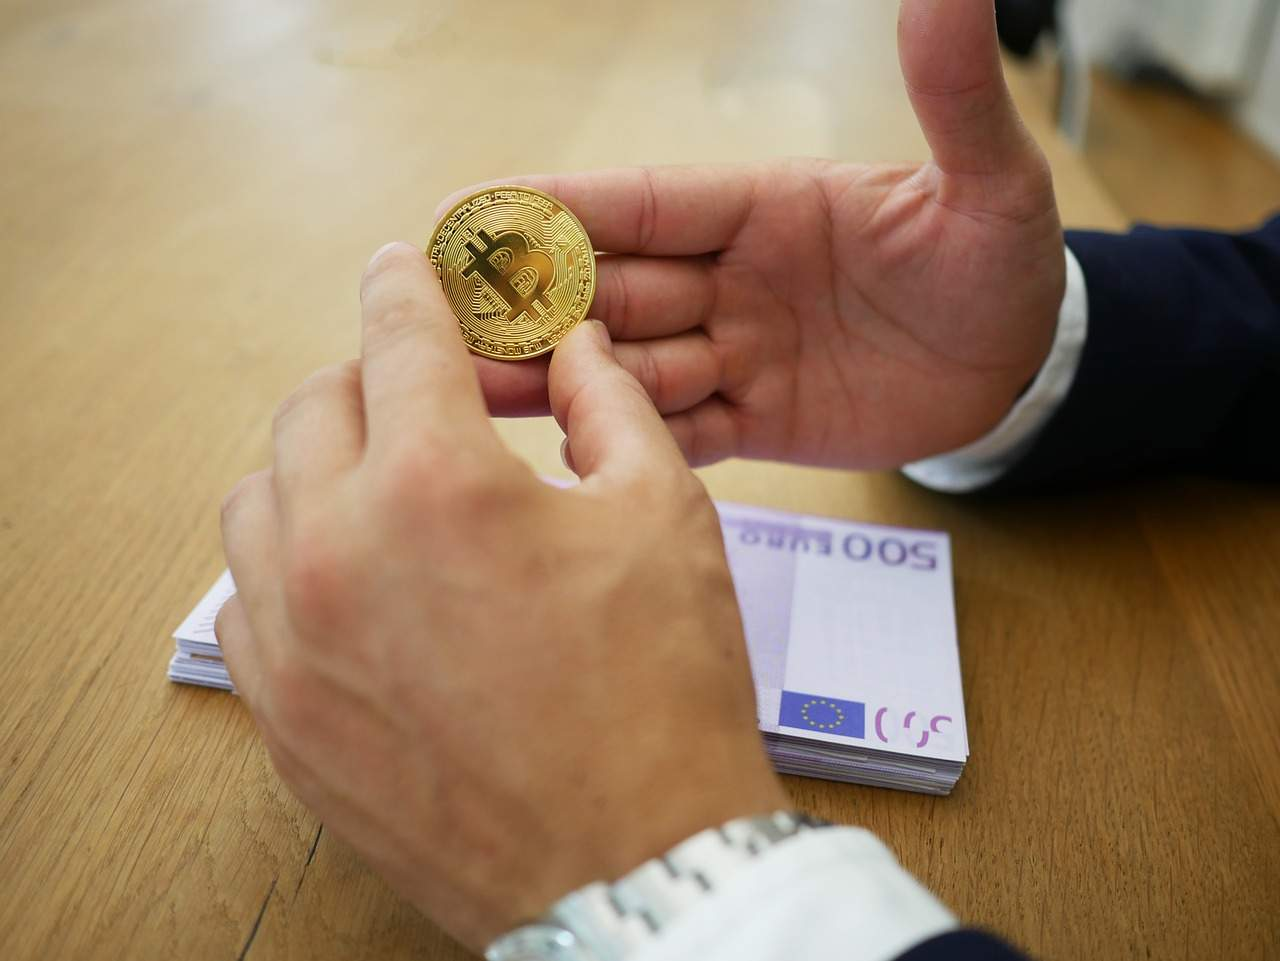 Spiegelt Bitcoin Gold-Fraktal aus den 70er-Jahren wider?